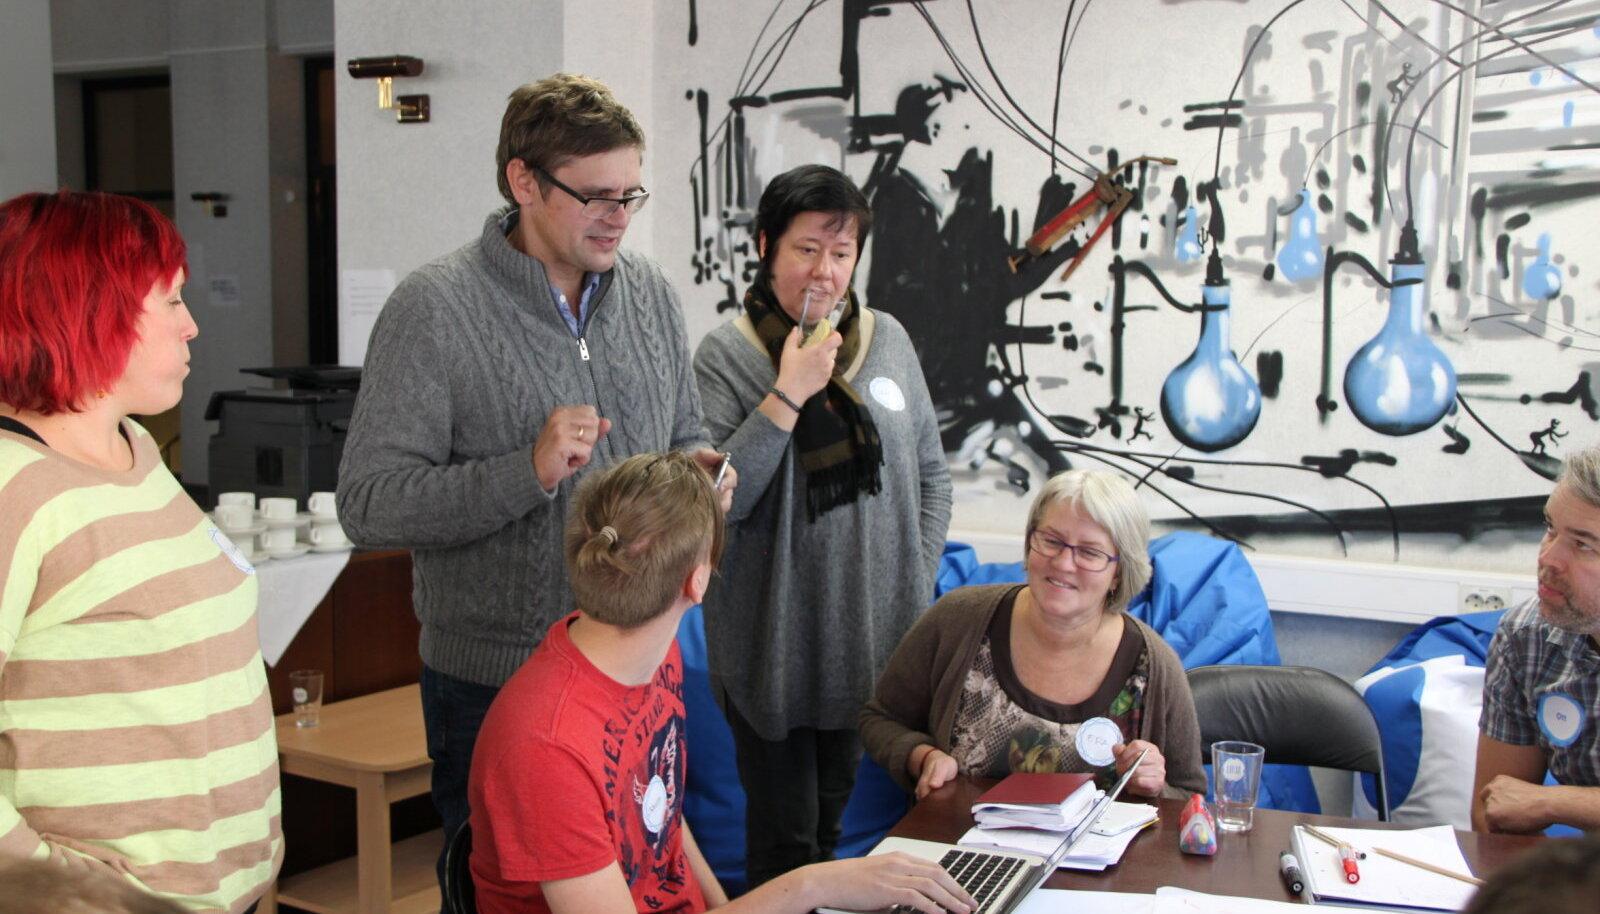 Kagu-Eesti ettevõtjad lihvisid mentorite abiga oma oma ideid  TeamLabil. Põhjalikum koolitus toote turuletoomiseks jätkub PESAs